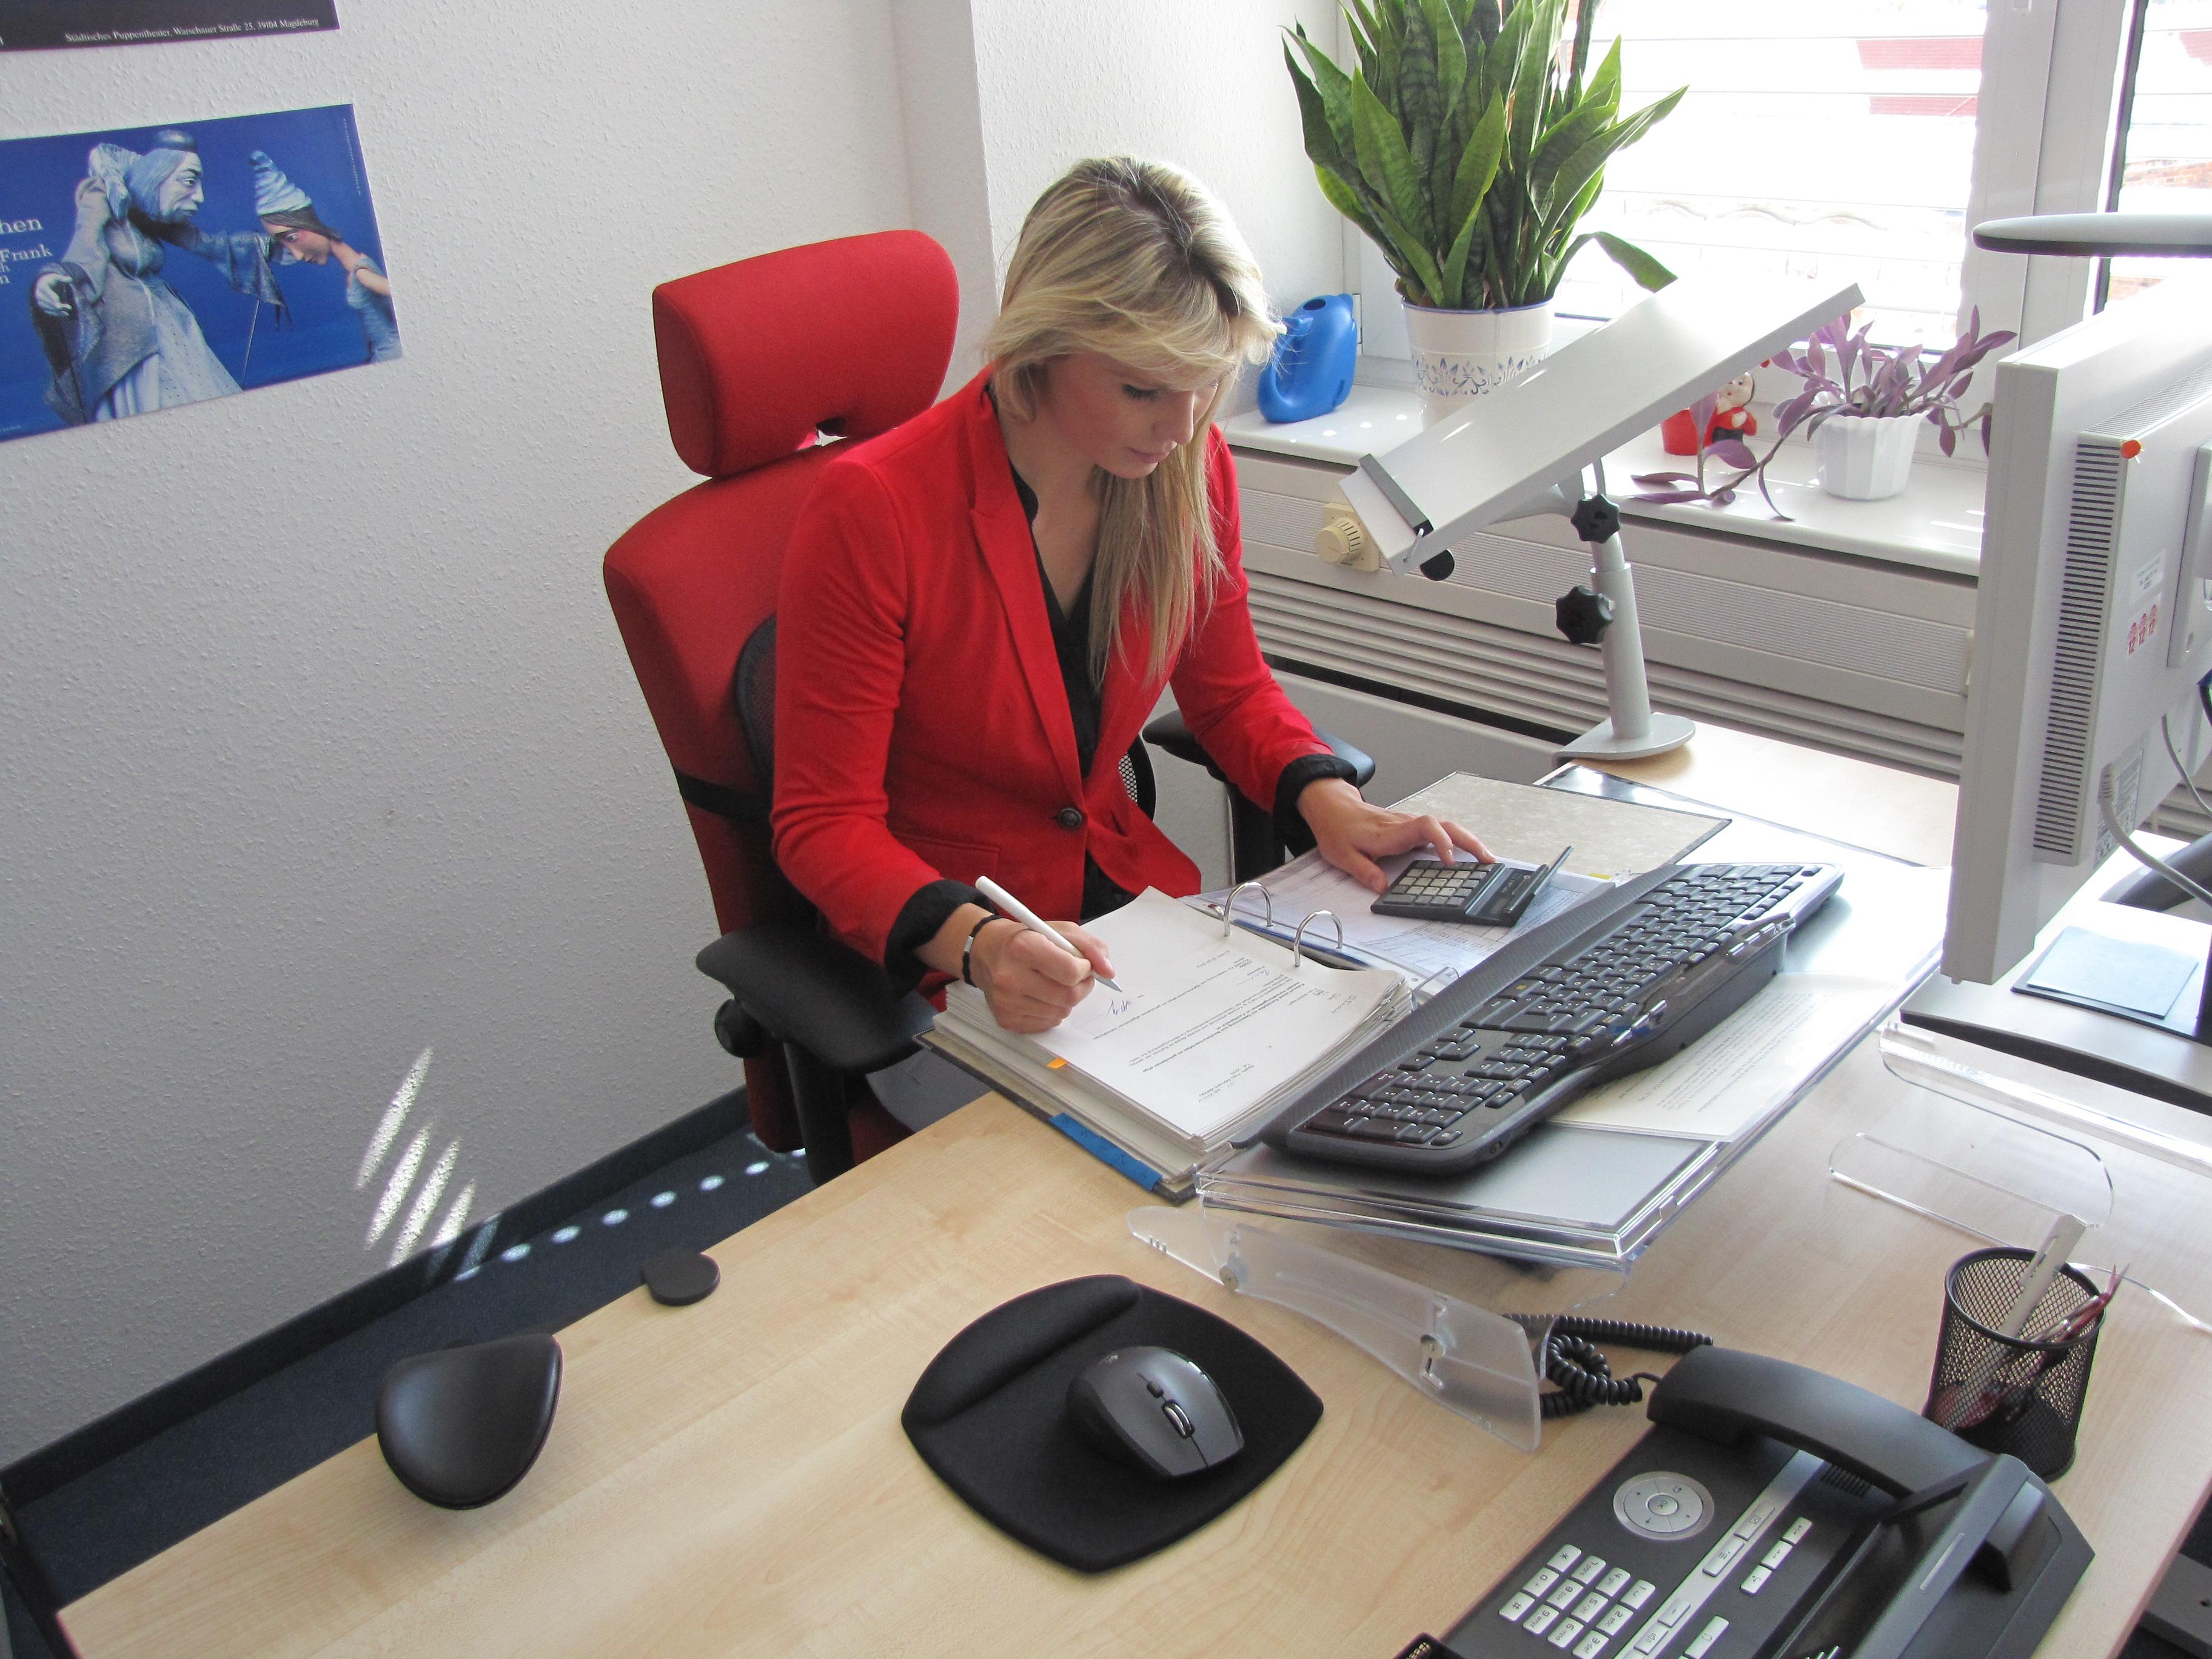 Verwaltungsfachangestellte im Büro